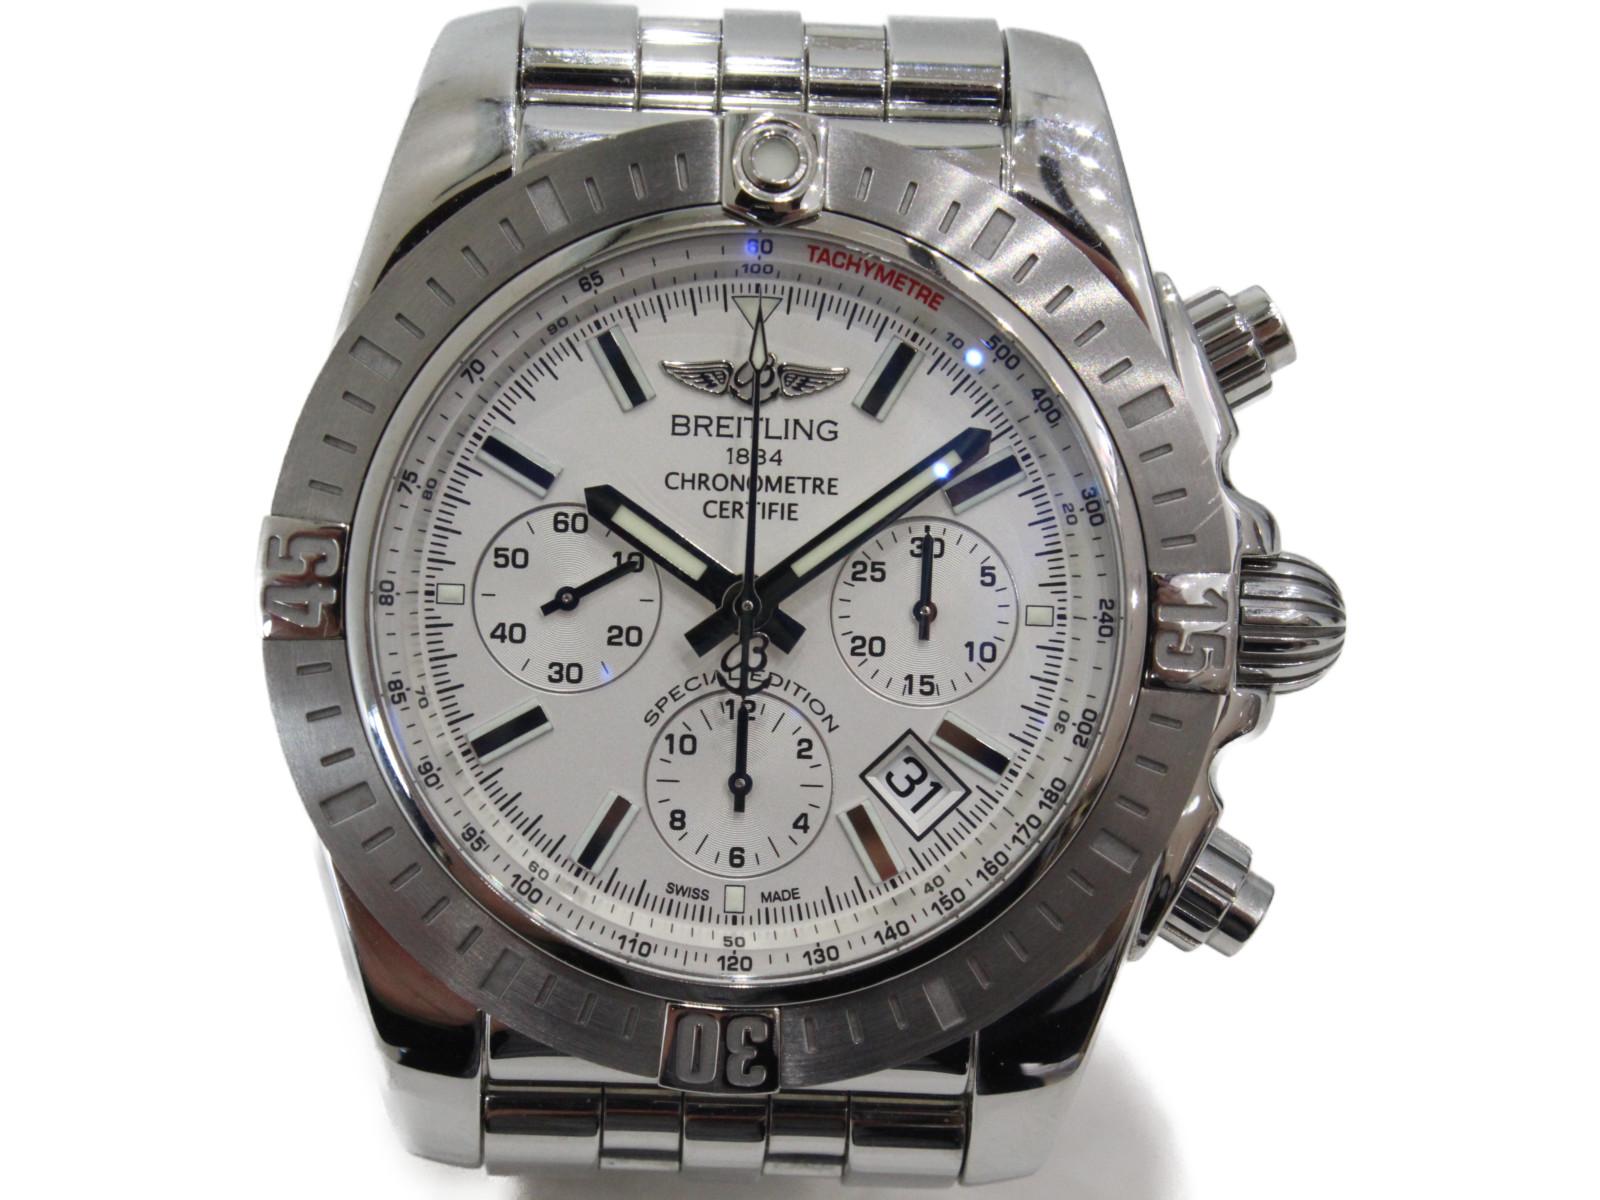 BREITLING ブライトリング クロノマット JSP クロノグラフ AB011511/G829 自動巻き SS ステンレススチール ホライト メンズ 腕時計【中古】